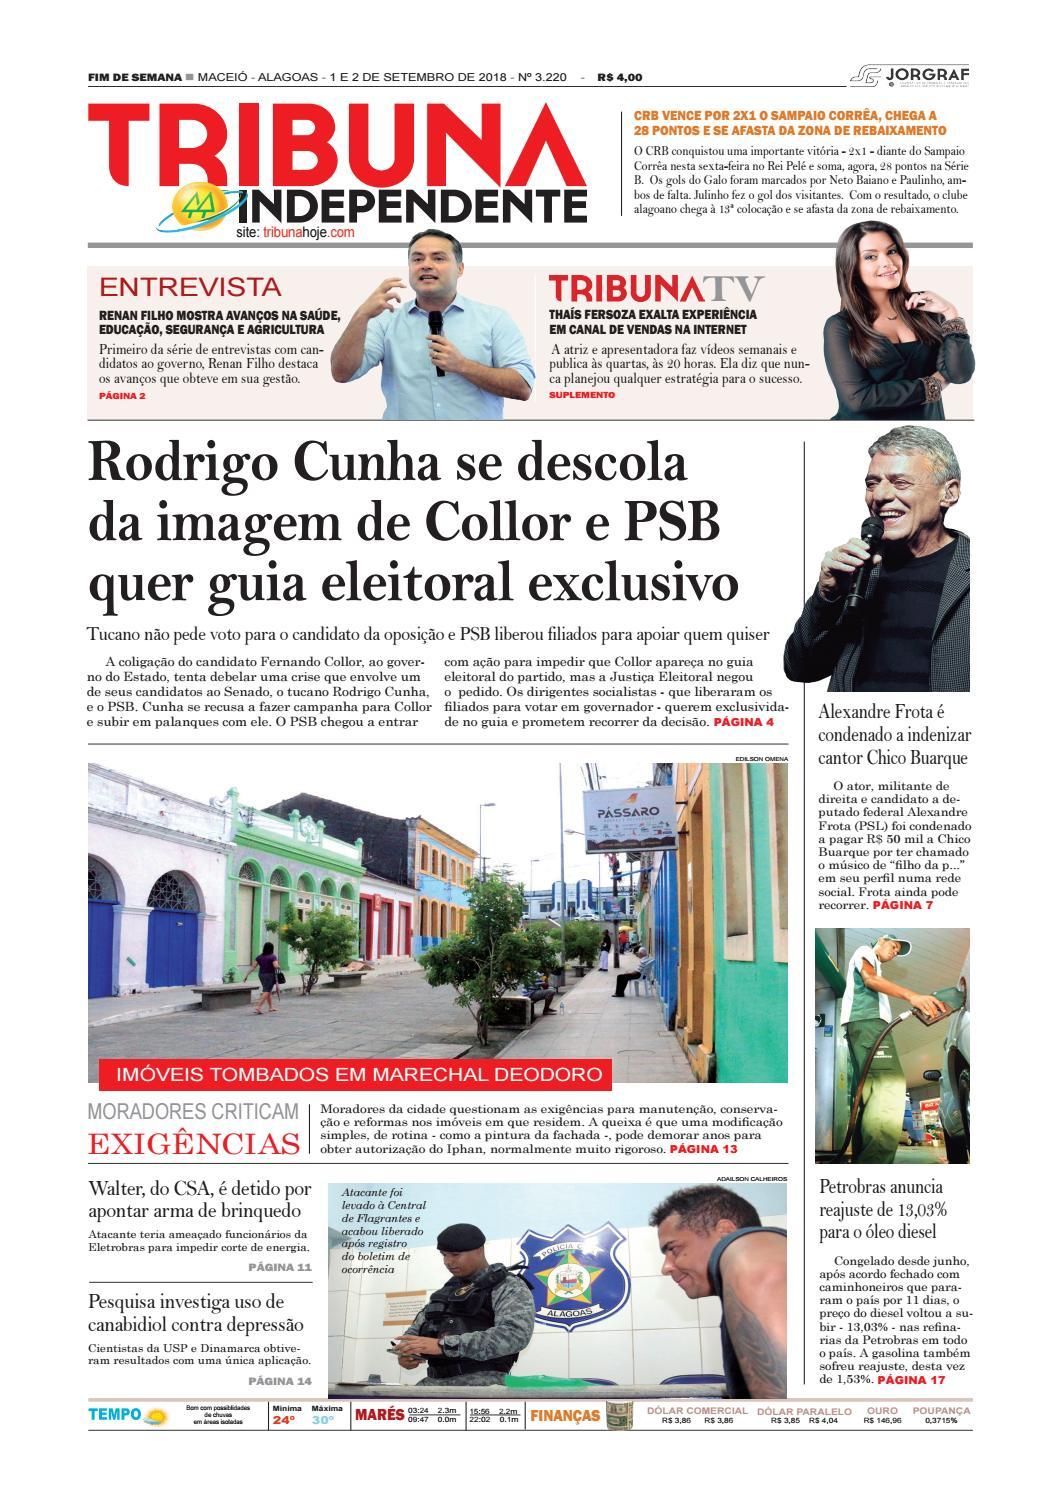 20f147b39f1ab Edição número 3220 - 1 e 2 de setembro de 2018 by Tribuna Hoje - issuu